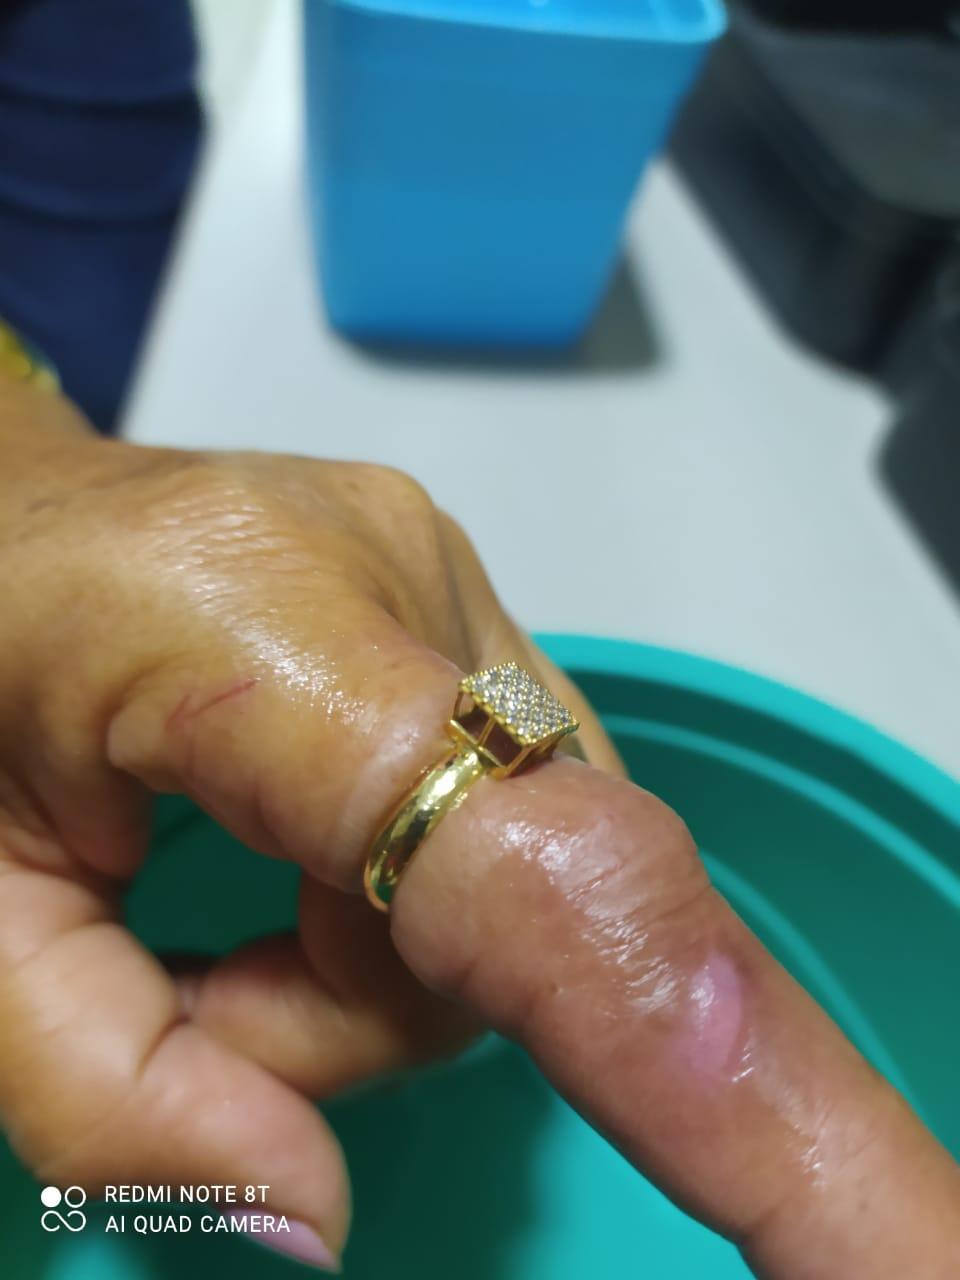 Bombeiros de Canindé retiram anel preso em dedo de Senhora